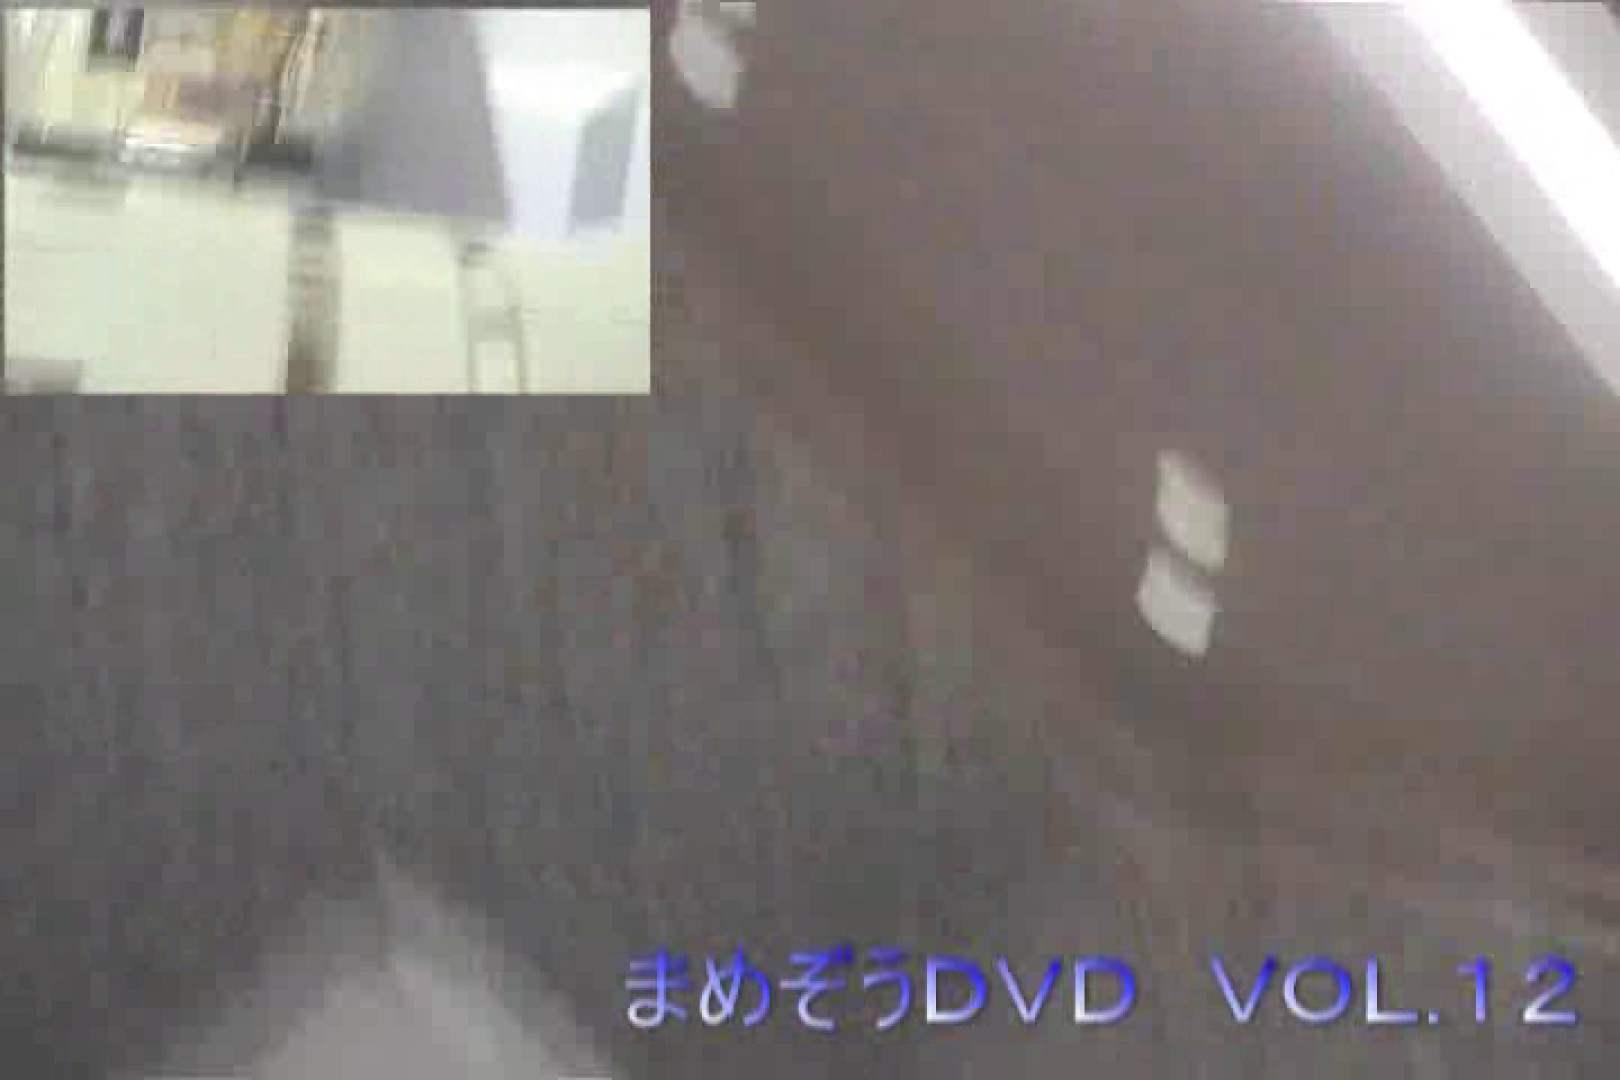 まめぞうDVD完全版VOL.12 OL   ギャル・コレクション  63連発 31